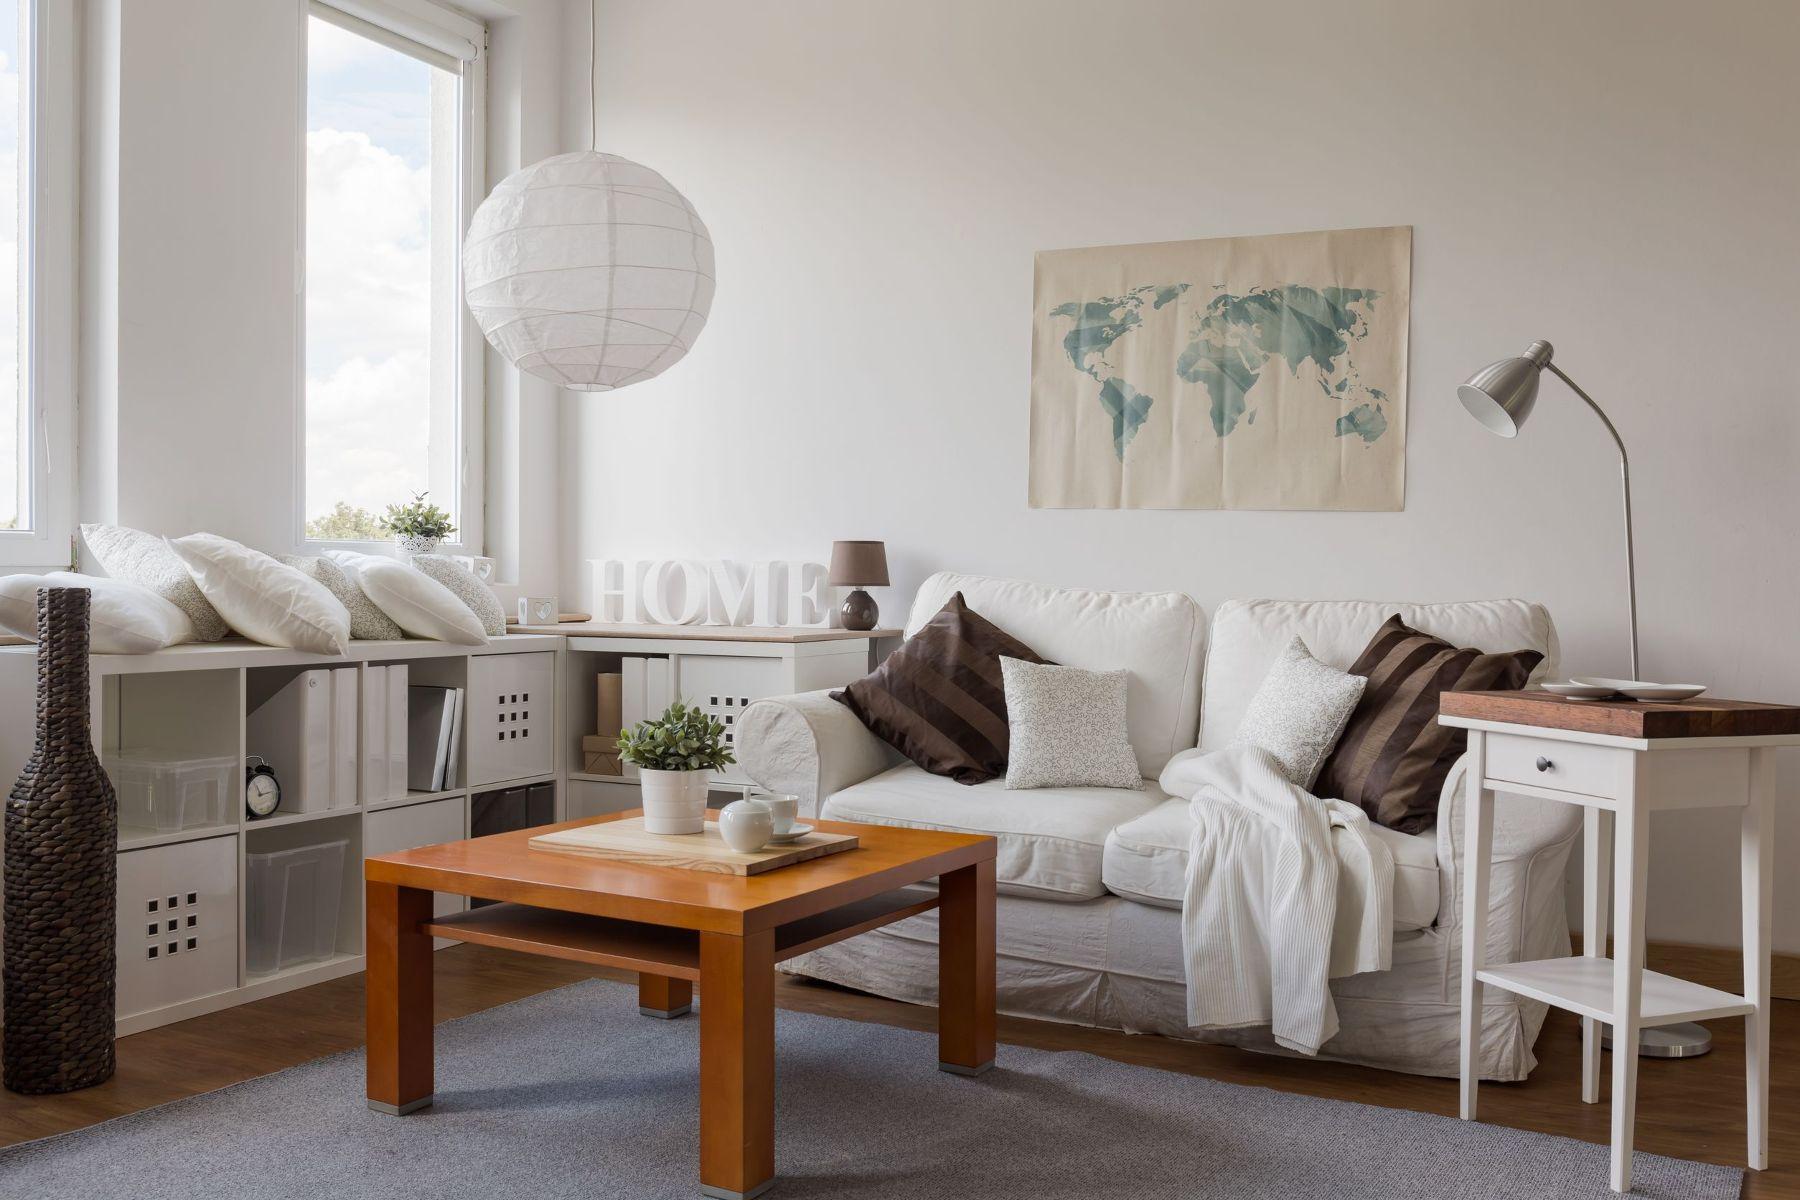 Decoración con mapa sobre pared de sofá